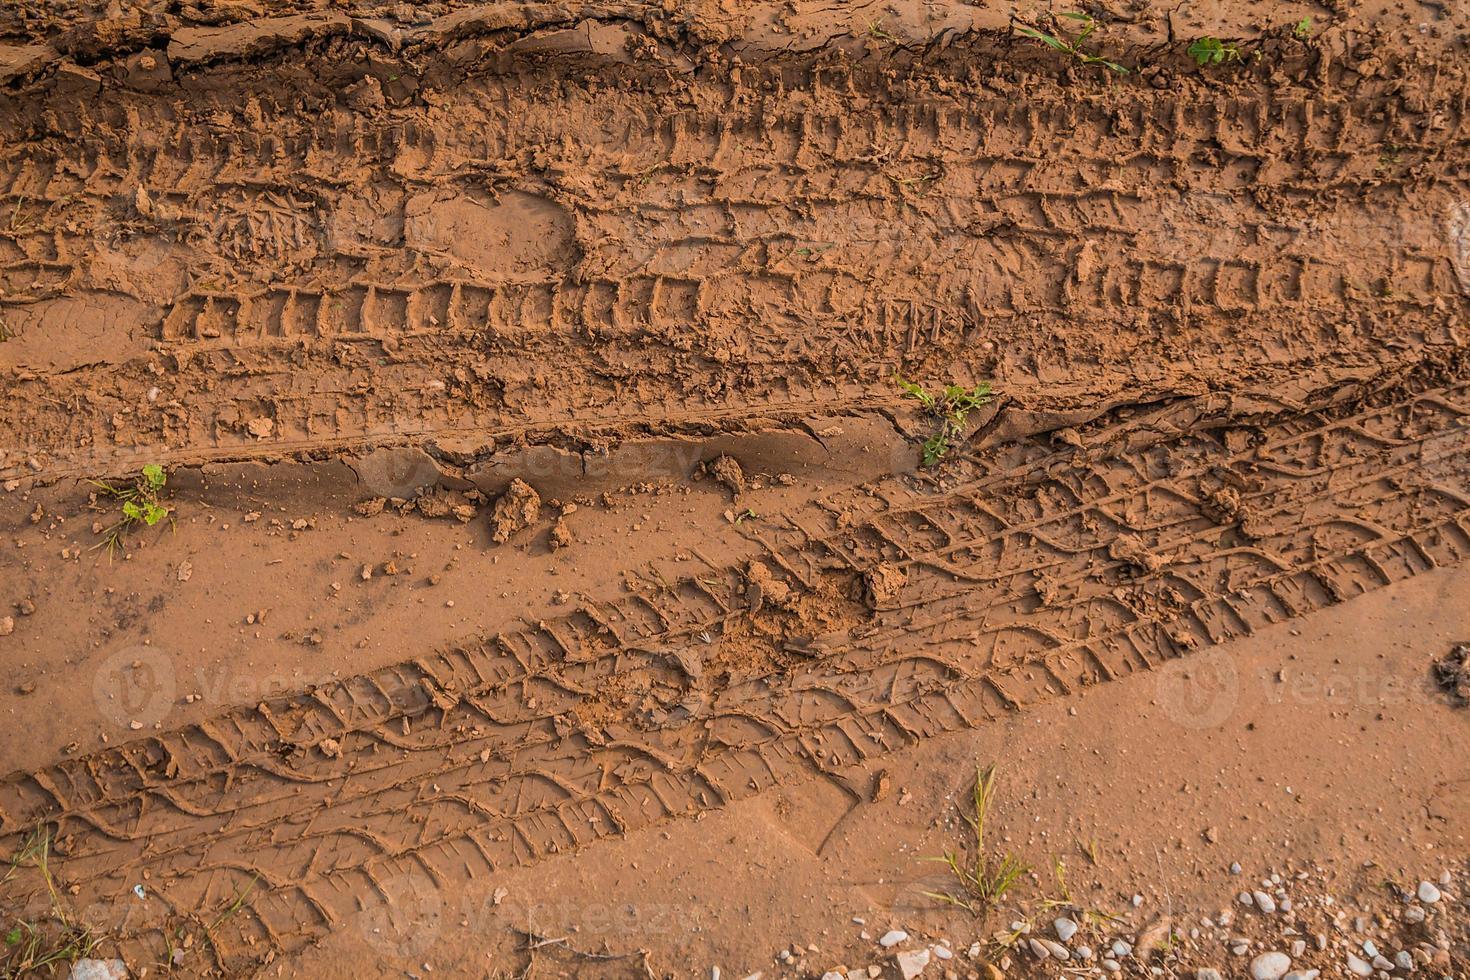 konsistens av våtbrun lera med bildäckspår och skofotavtryck foto